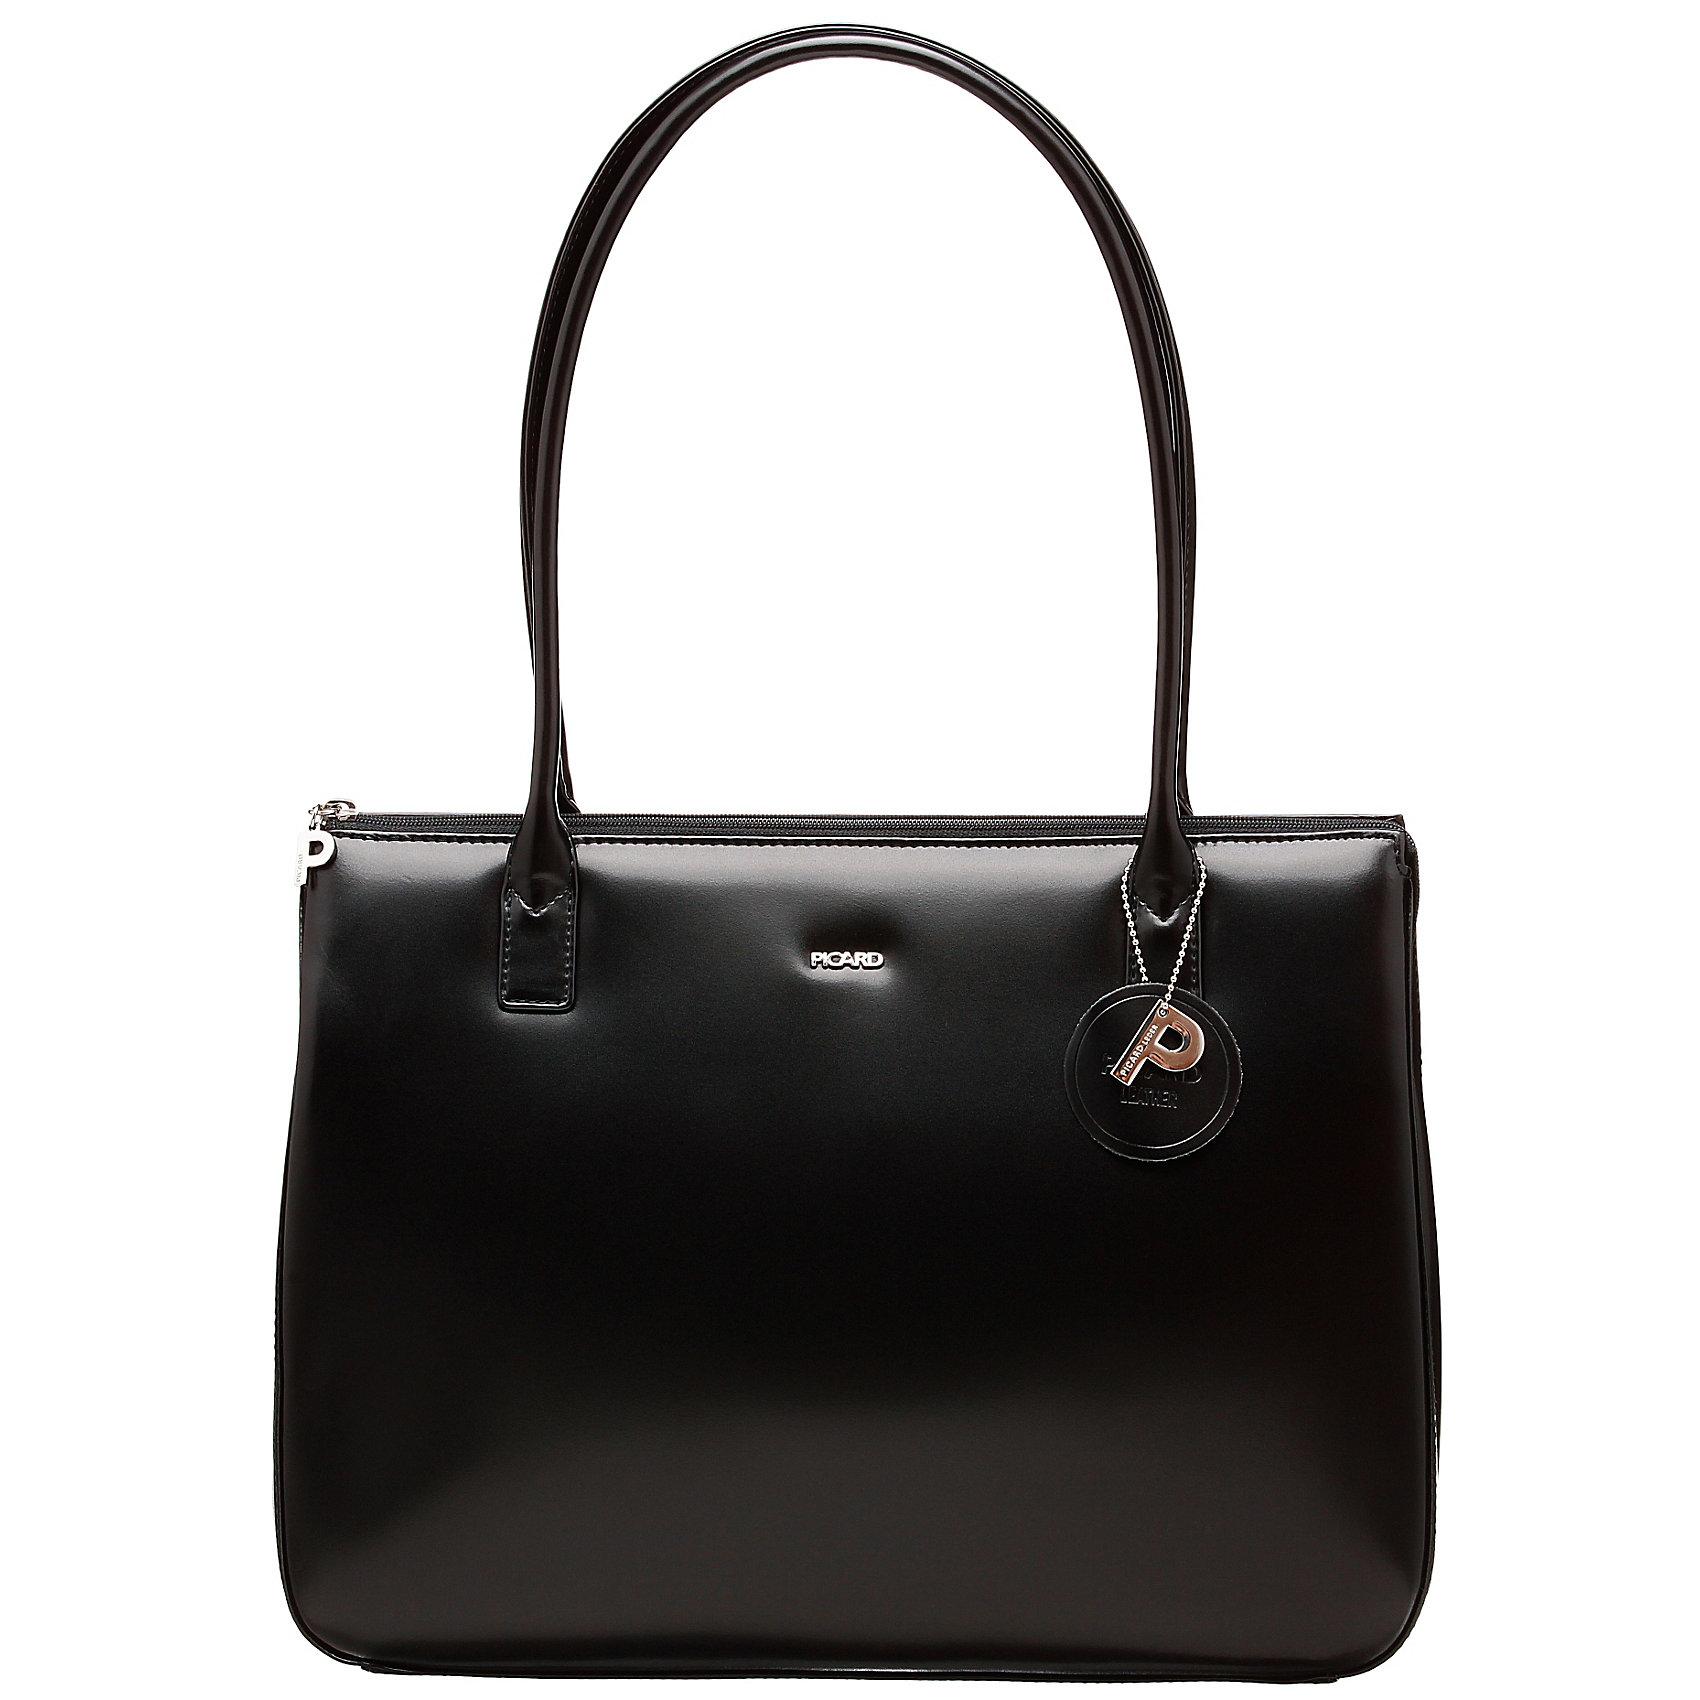 Neu PICARD Promotion 5 Handtasche 5651438 für Damen schwarz; Bild 2 von 5  ...